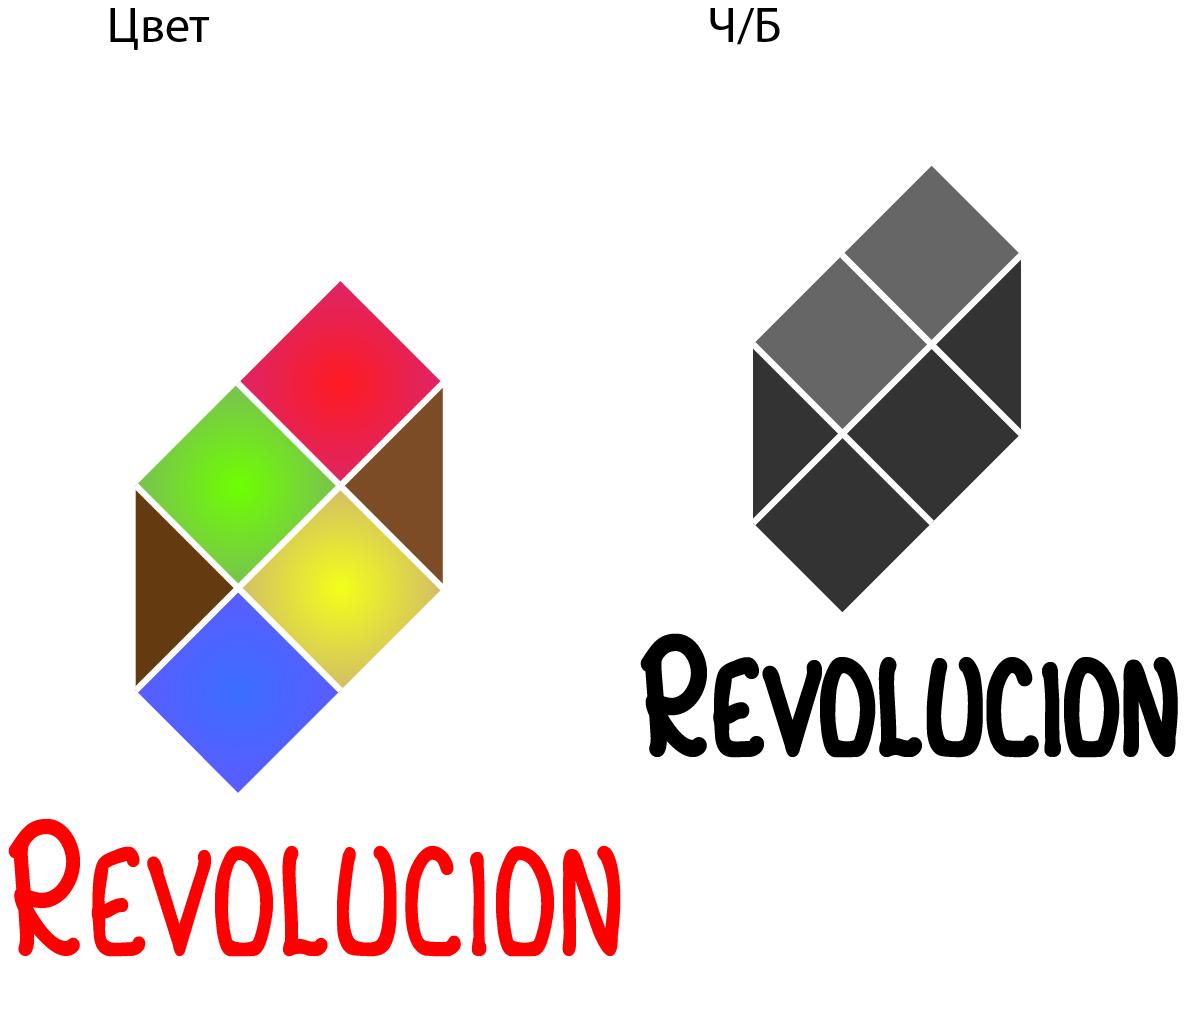 Разработка логотипа и фир. стиля агенству Revolución фото f_4fb8881408177.jpg